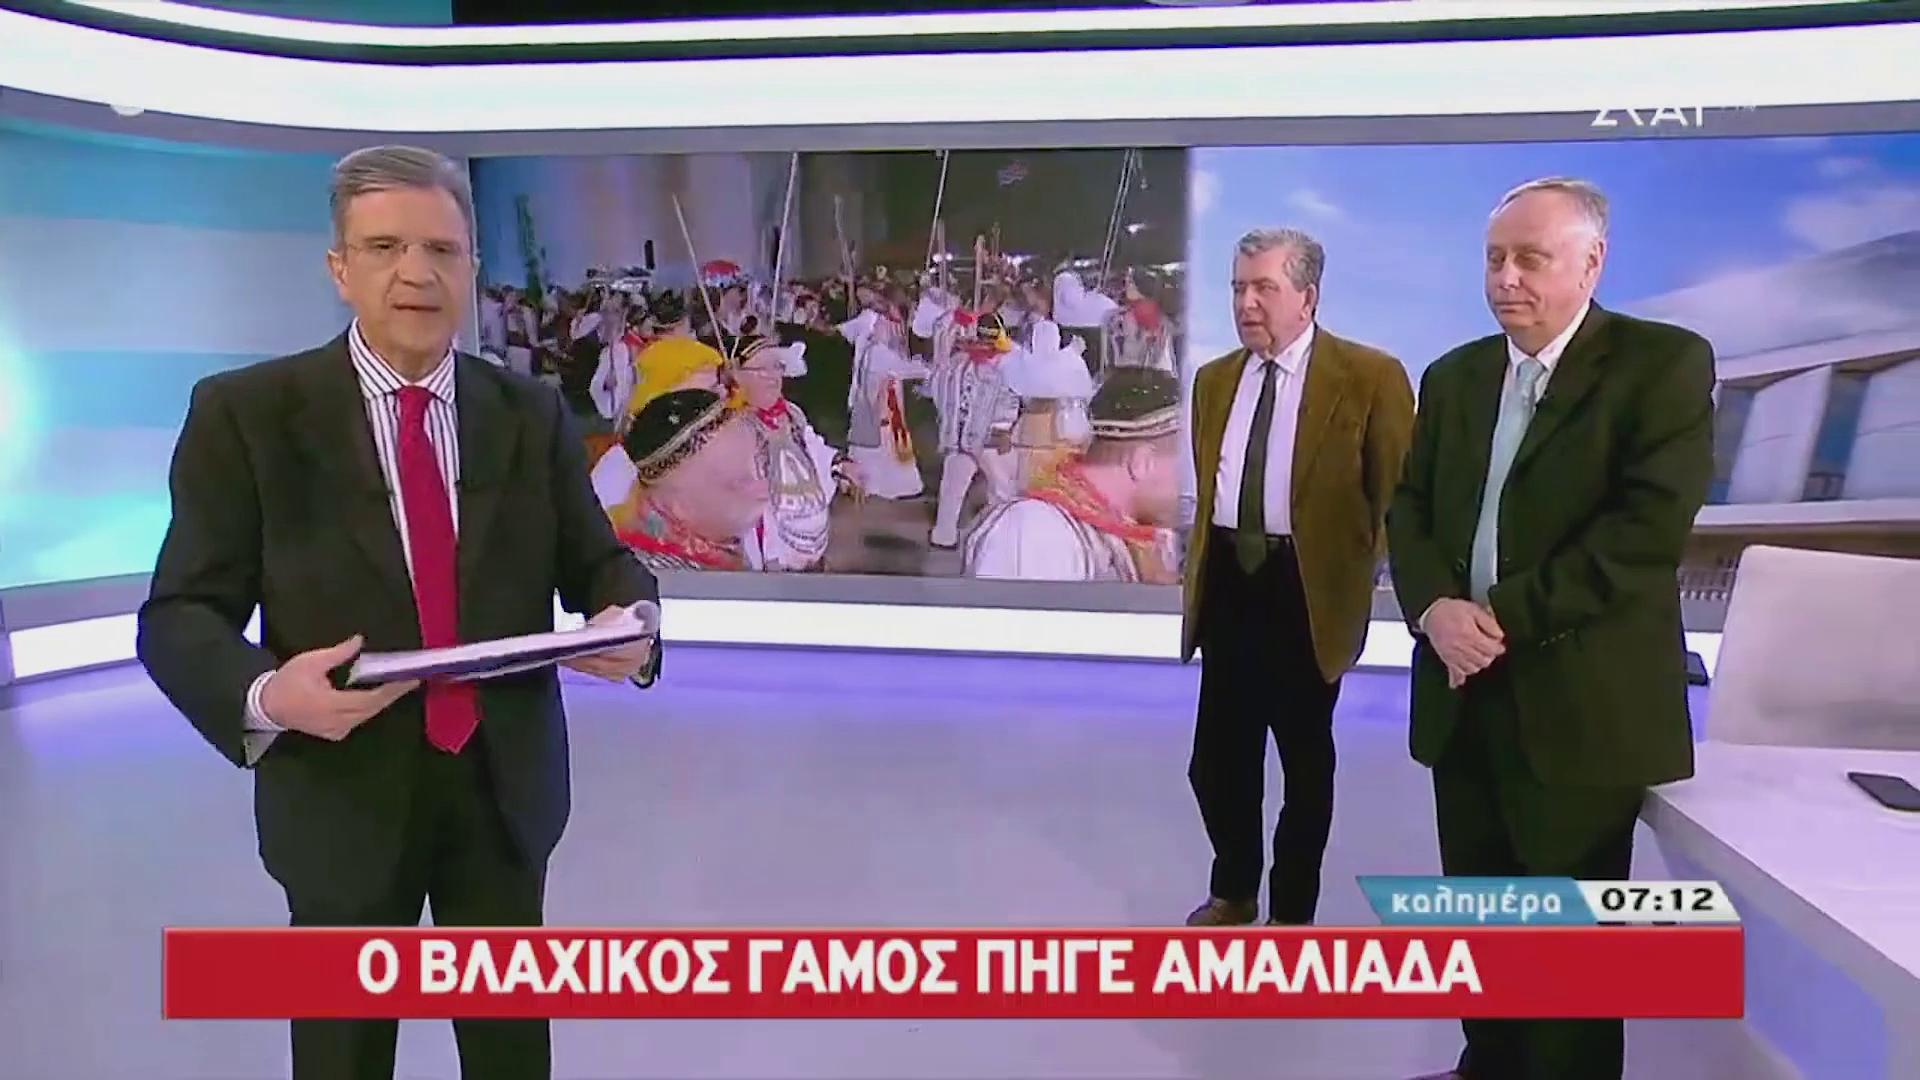 Έγινε γνωστό σε όλη την Ελλάδα το καρναβάλι της Αμαλιάδας- Την Κυριακή η Μεγάλη Παρέλαση με DJ τον Γιάννη Φουρνομύτη και συναυλία με την Ελευθερία Ελευθερίου